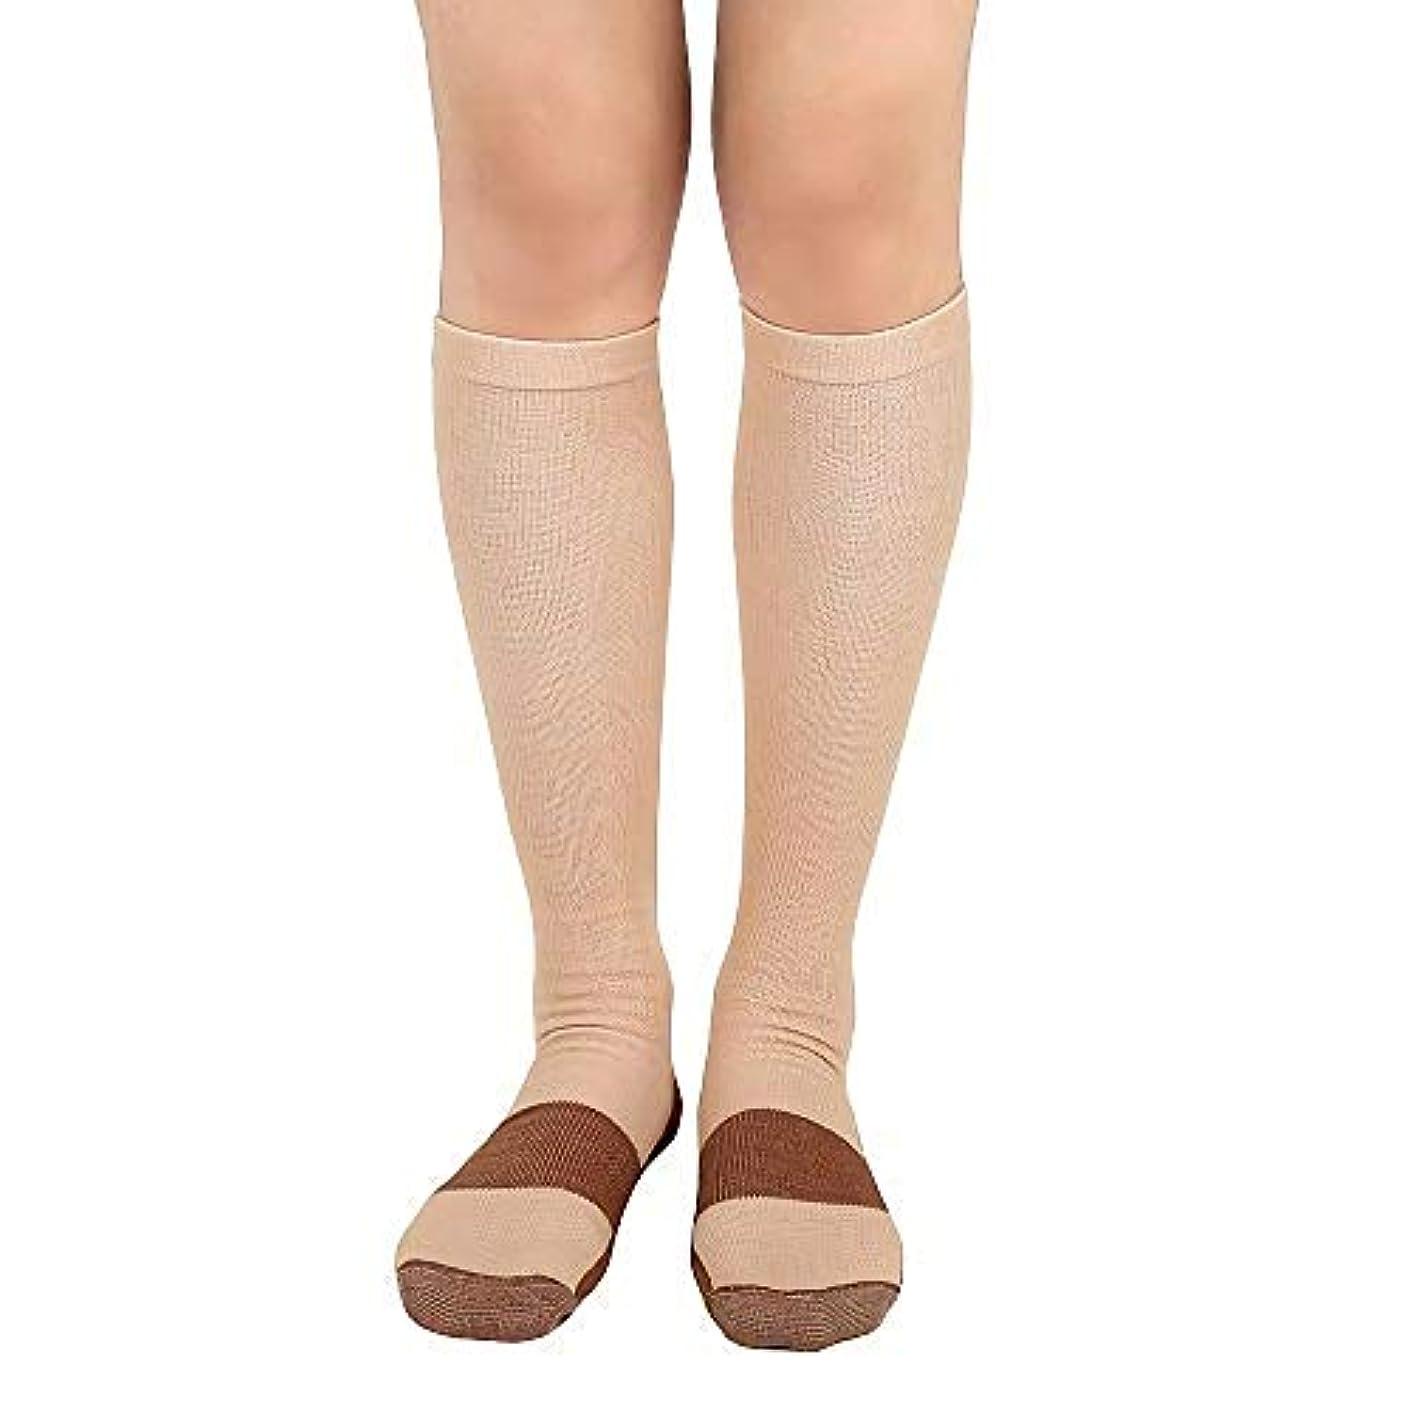 右サポートシンク着圧ソックス 銅圧縮 コンプレッションソックス 膝下 抗疲労 男女兼用ユニセックス (L/XL, 肌色)